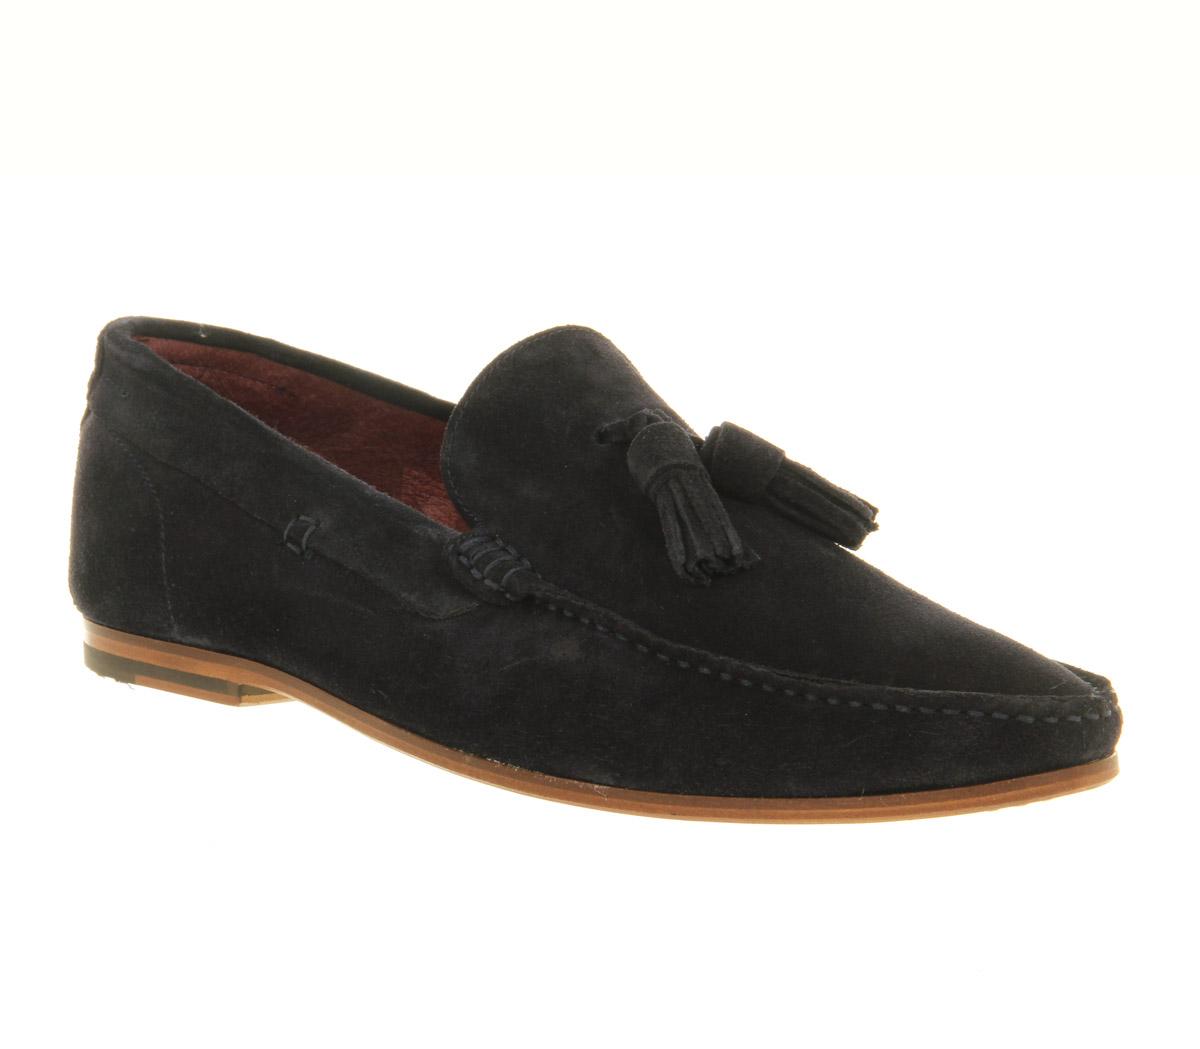 Mens Poste Lorenzo Tassle Loafer Navy Suede Formal Shoes | EBay